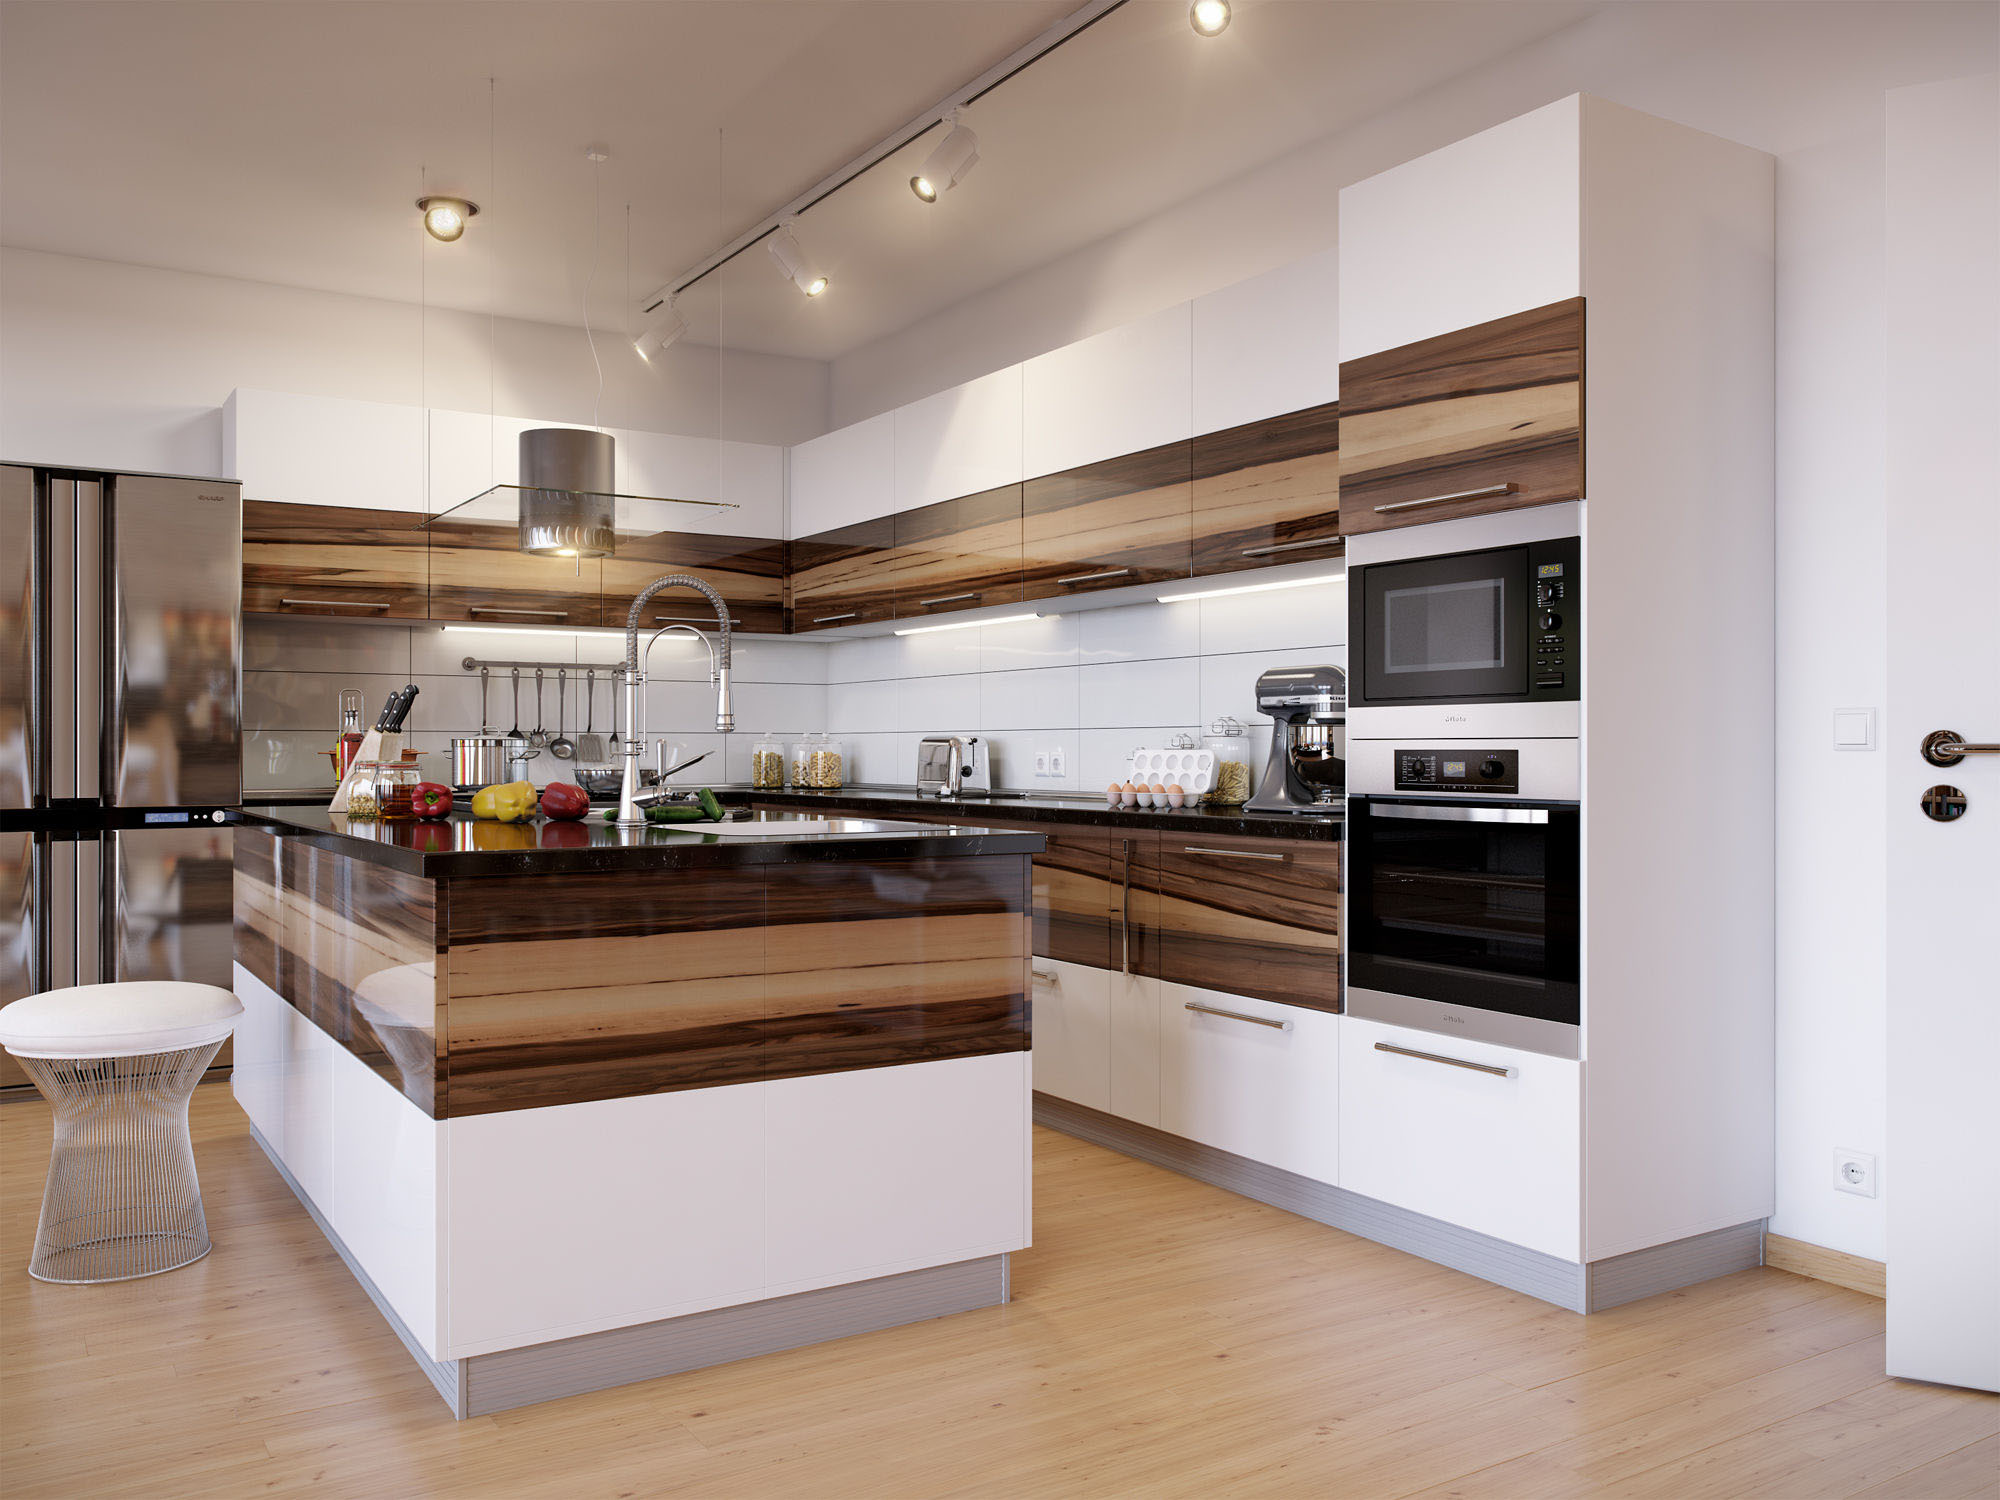 Бело-коричневая глянцевая кухня с островом